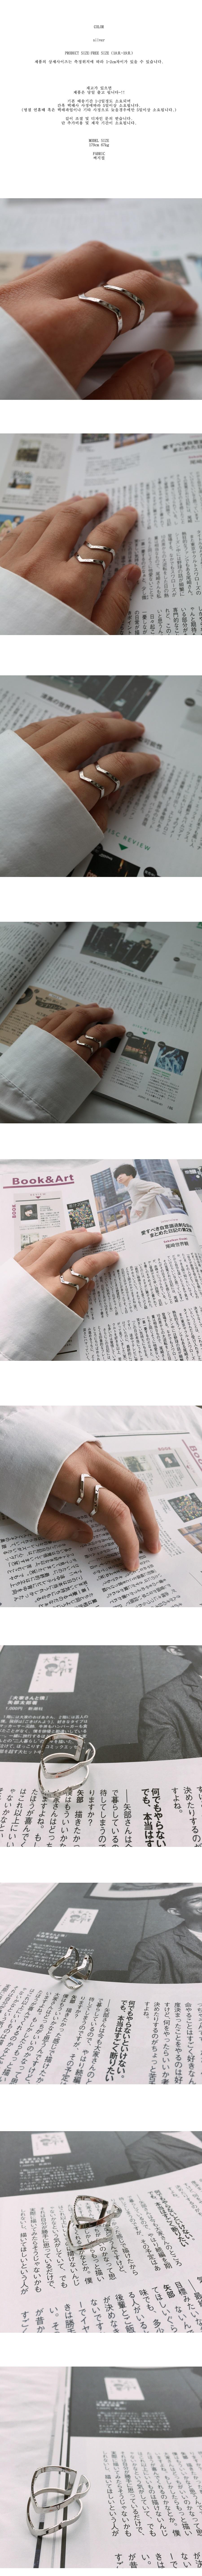 남자 반지 v자 두줄 패션링 hurtin ring - 빅애플, 18,530원, 패션, 패션반지